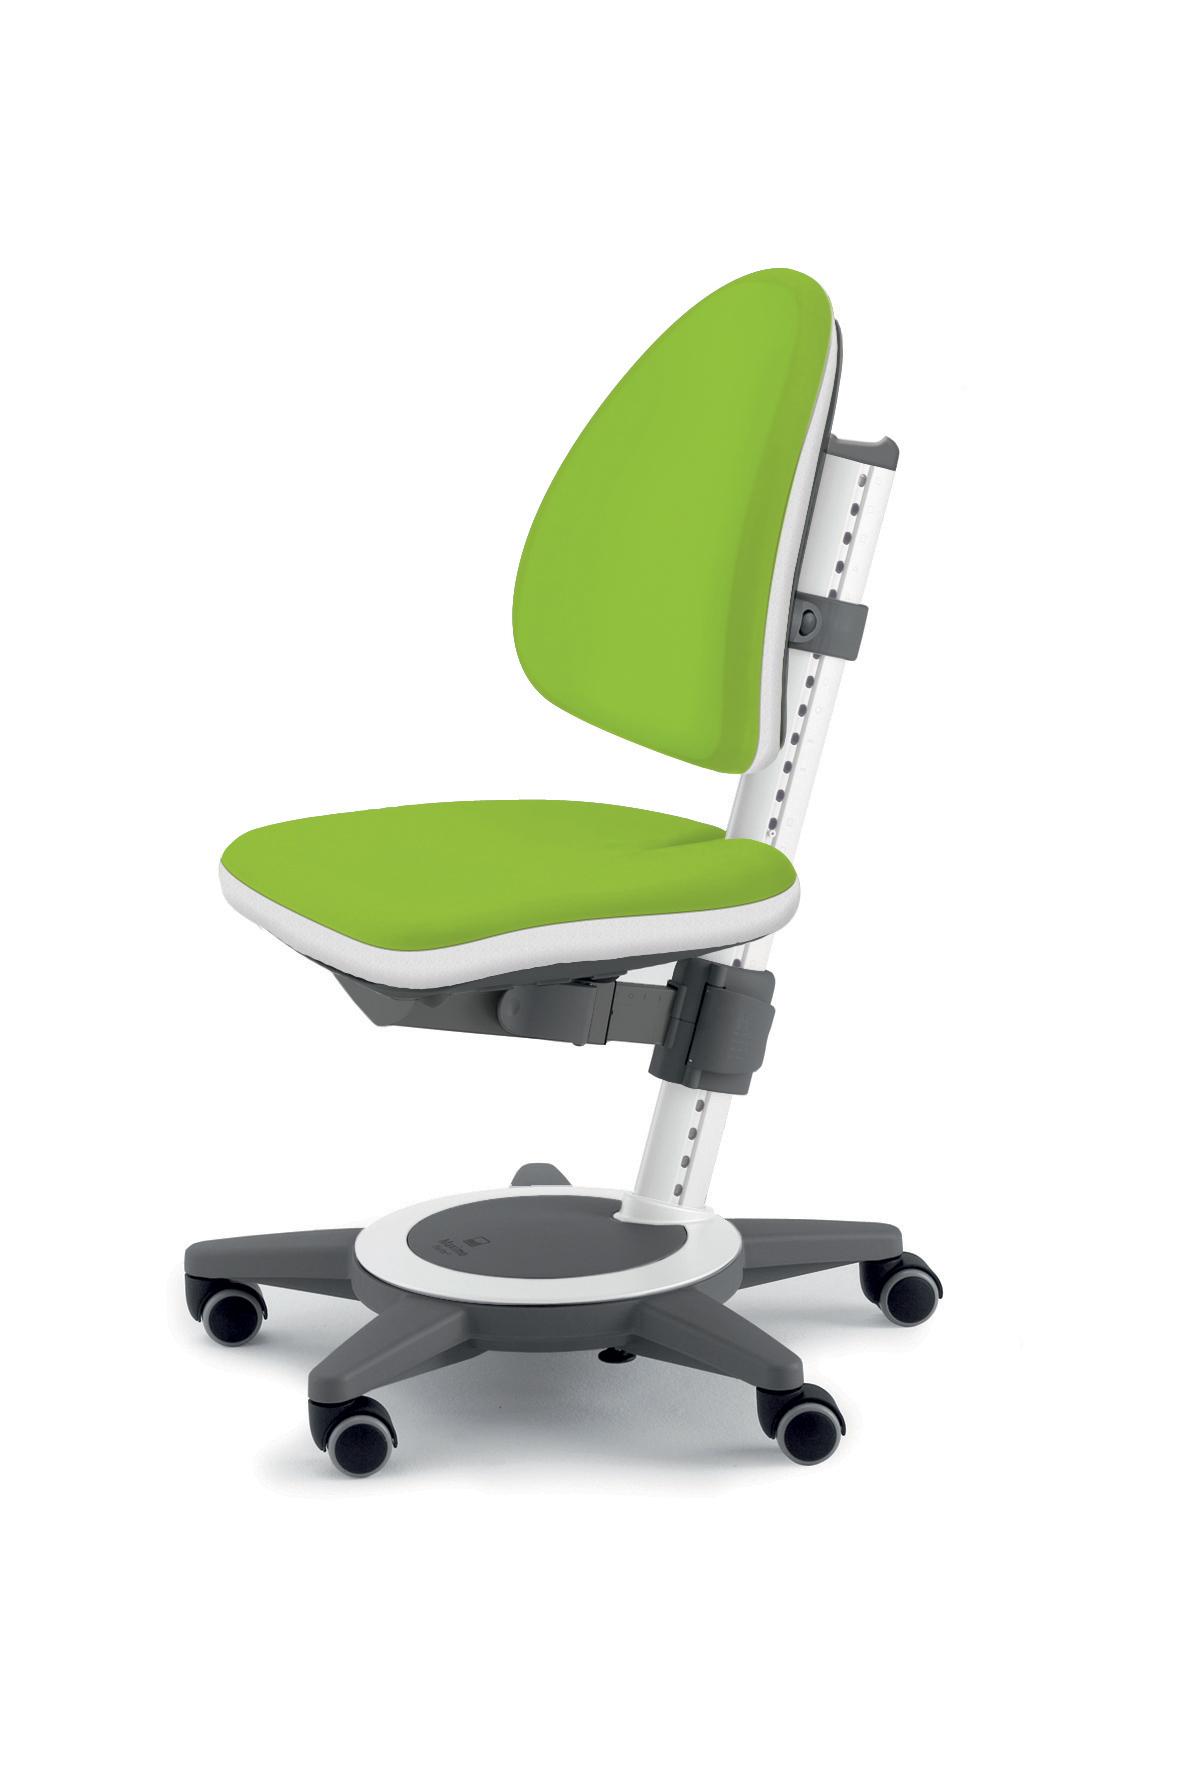 Современный детский стул Maximo Forte от компании Moll